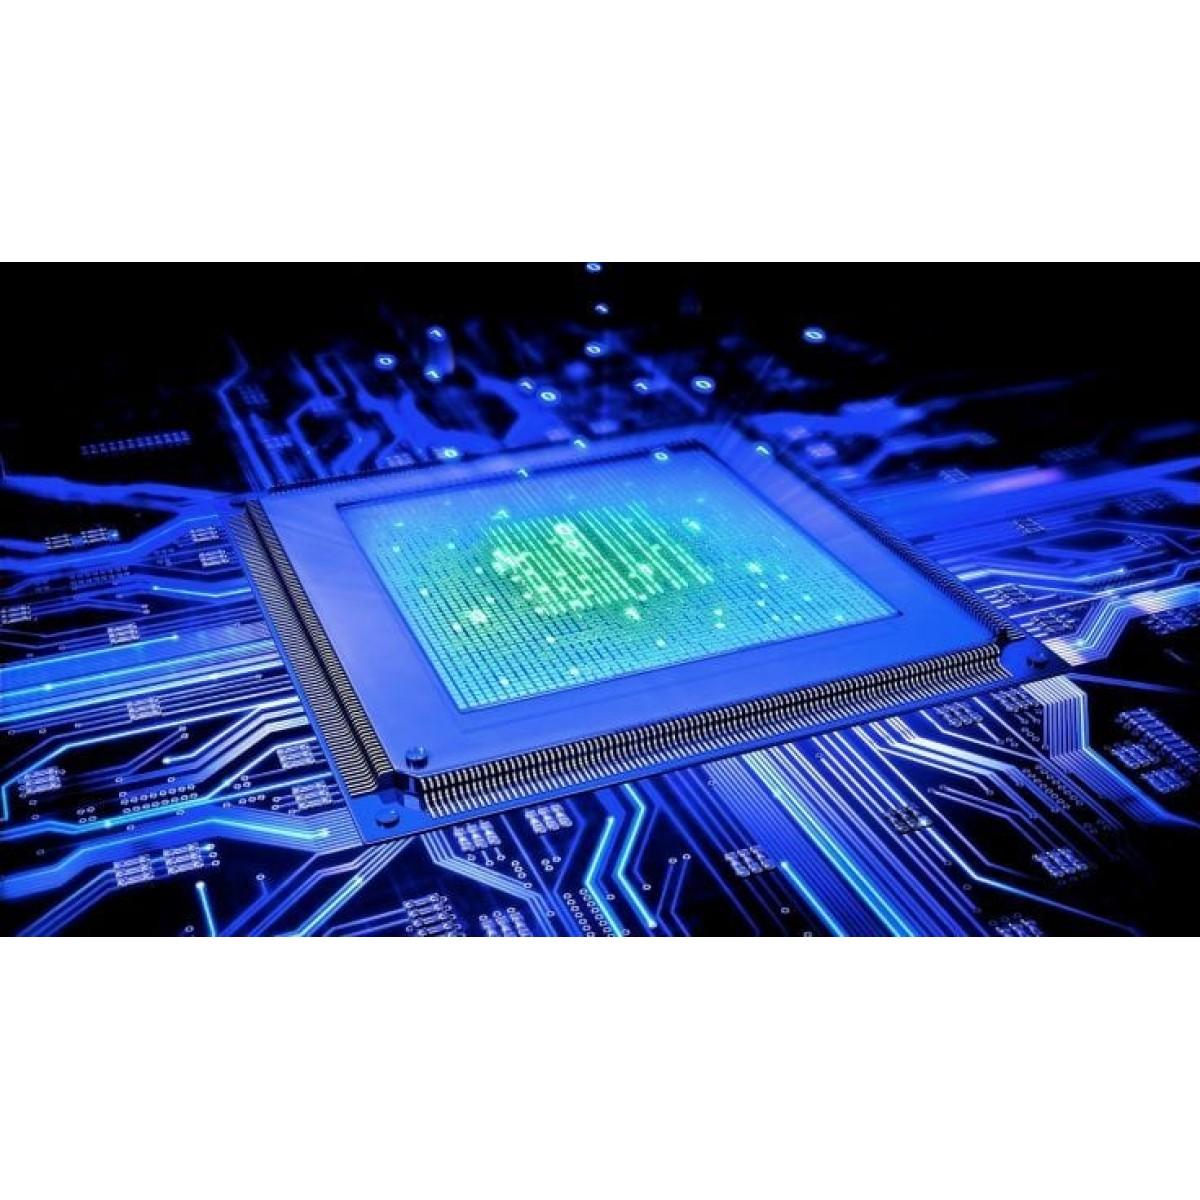 Processador Intel Core i7 10700KF, 3.80GHz (5.10GHz Turbo), 10ª Geração, 8-Cores 16-Threads, LGA 1200, S/VÍDEO, BX8070110700KF - Open Box